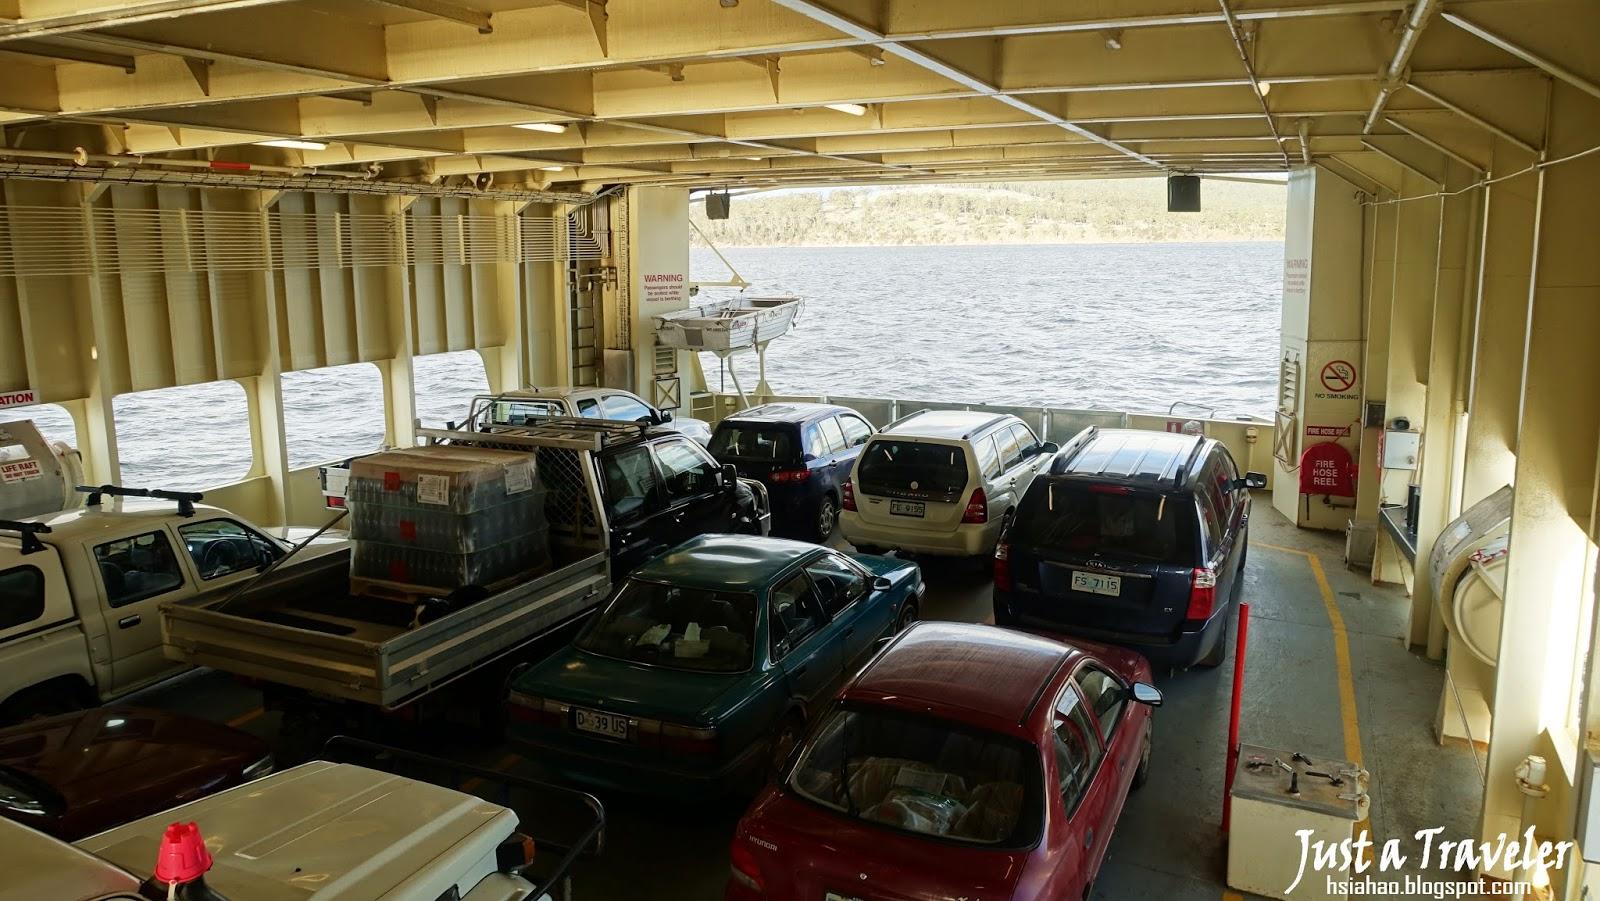 塔斯馬尼亞-景點-推薦-布魯尼島-Bruny-Island-渡輪-Ferry-澳洲-Tasmania-Tourist-Attraction-Australia